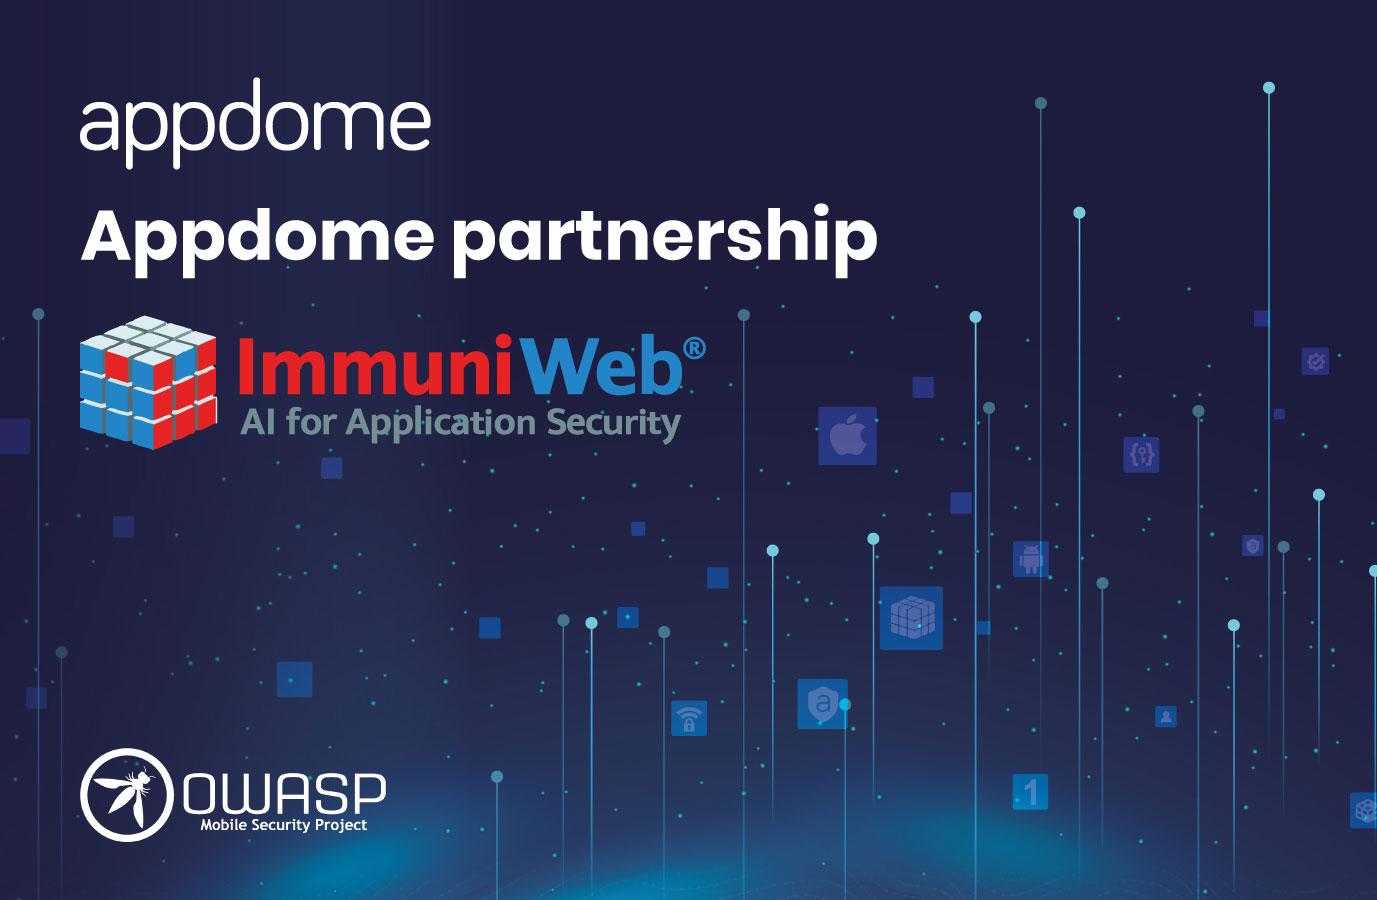 Immuniweb appdome partnership